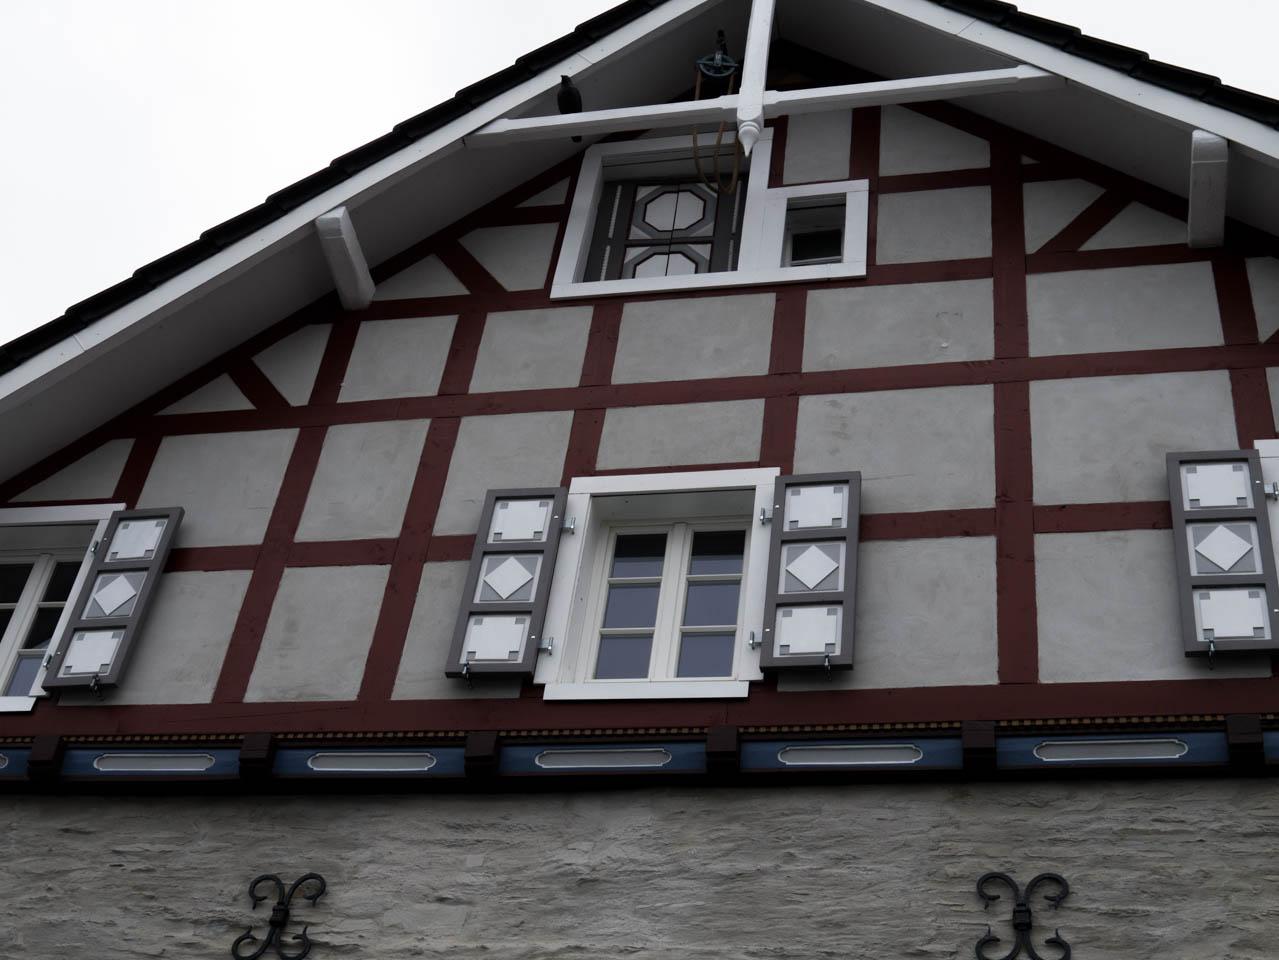 Fachwerkhaus Attendorn 2 (1 von 1)